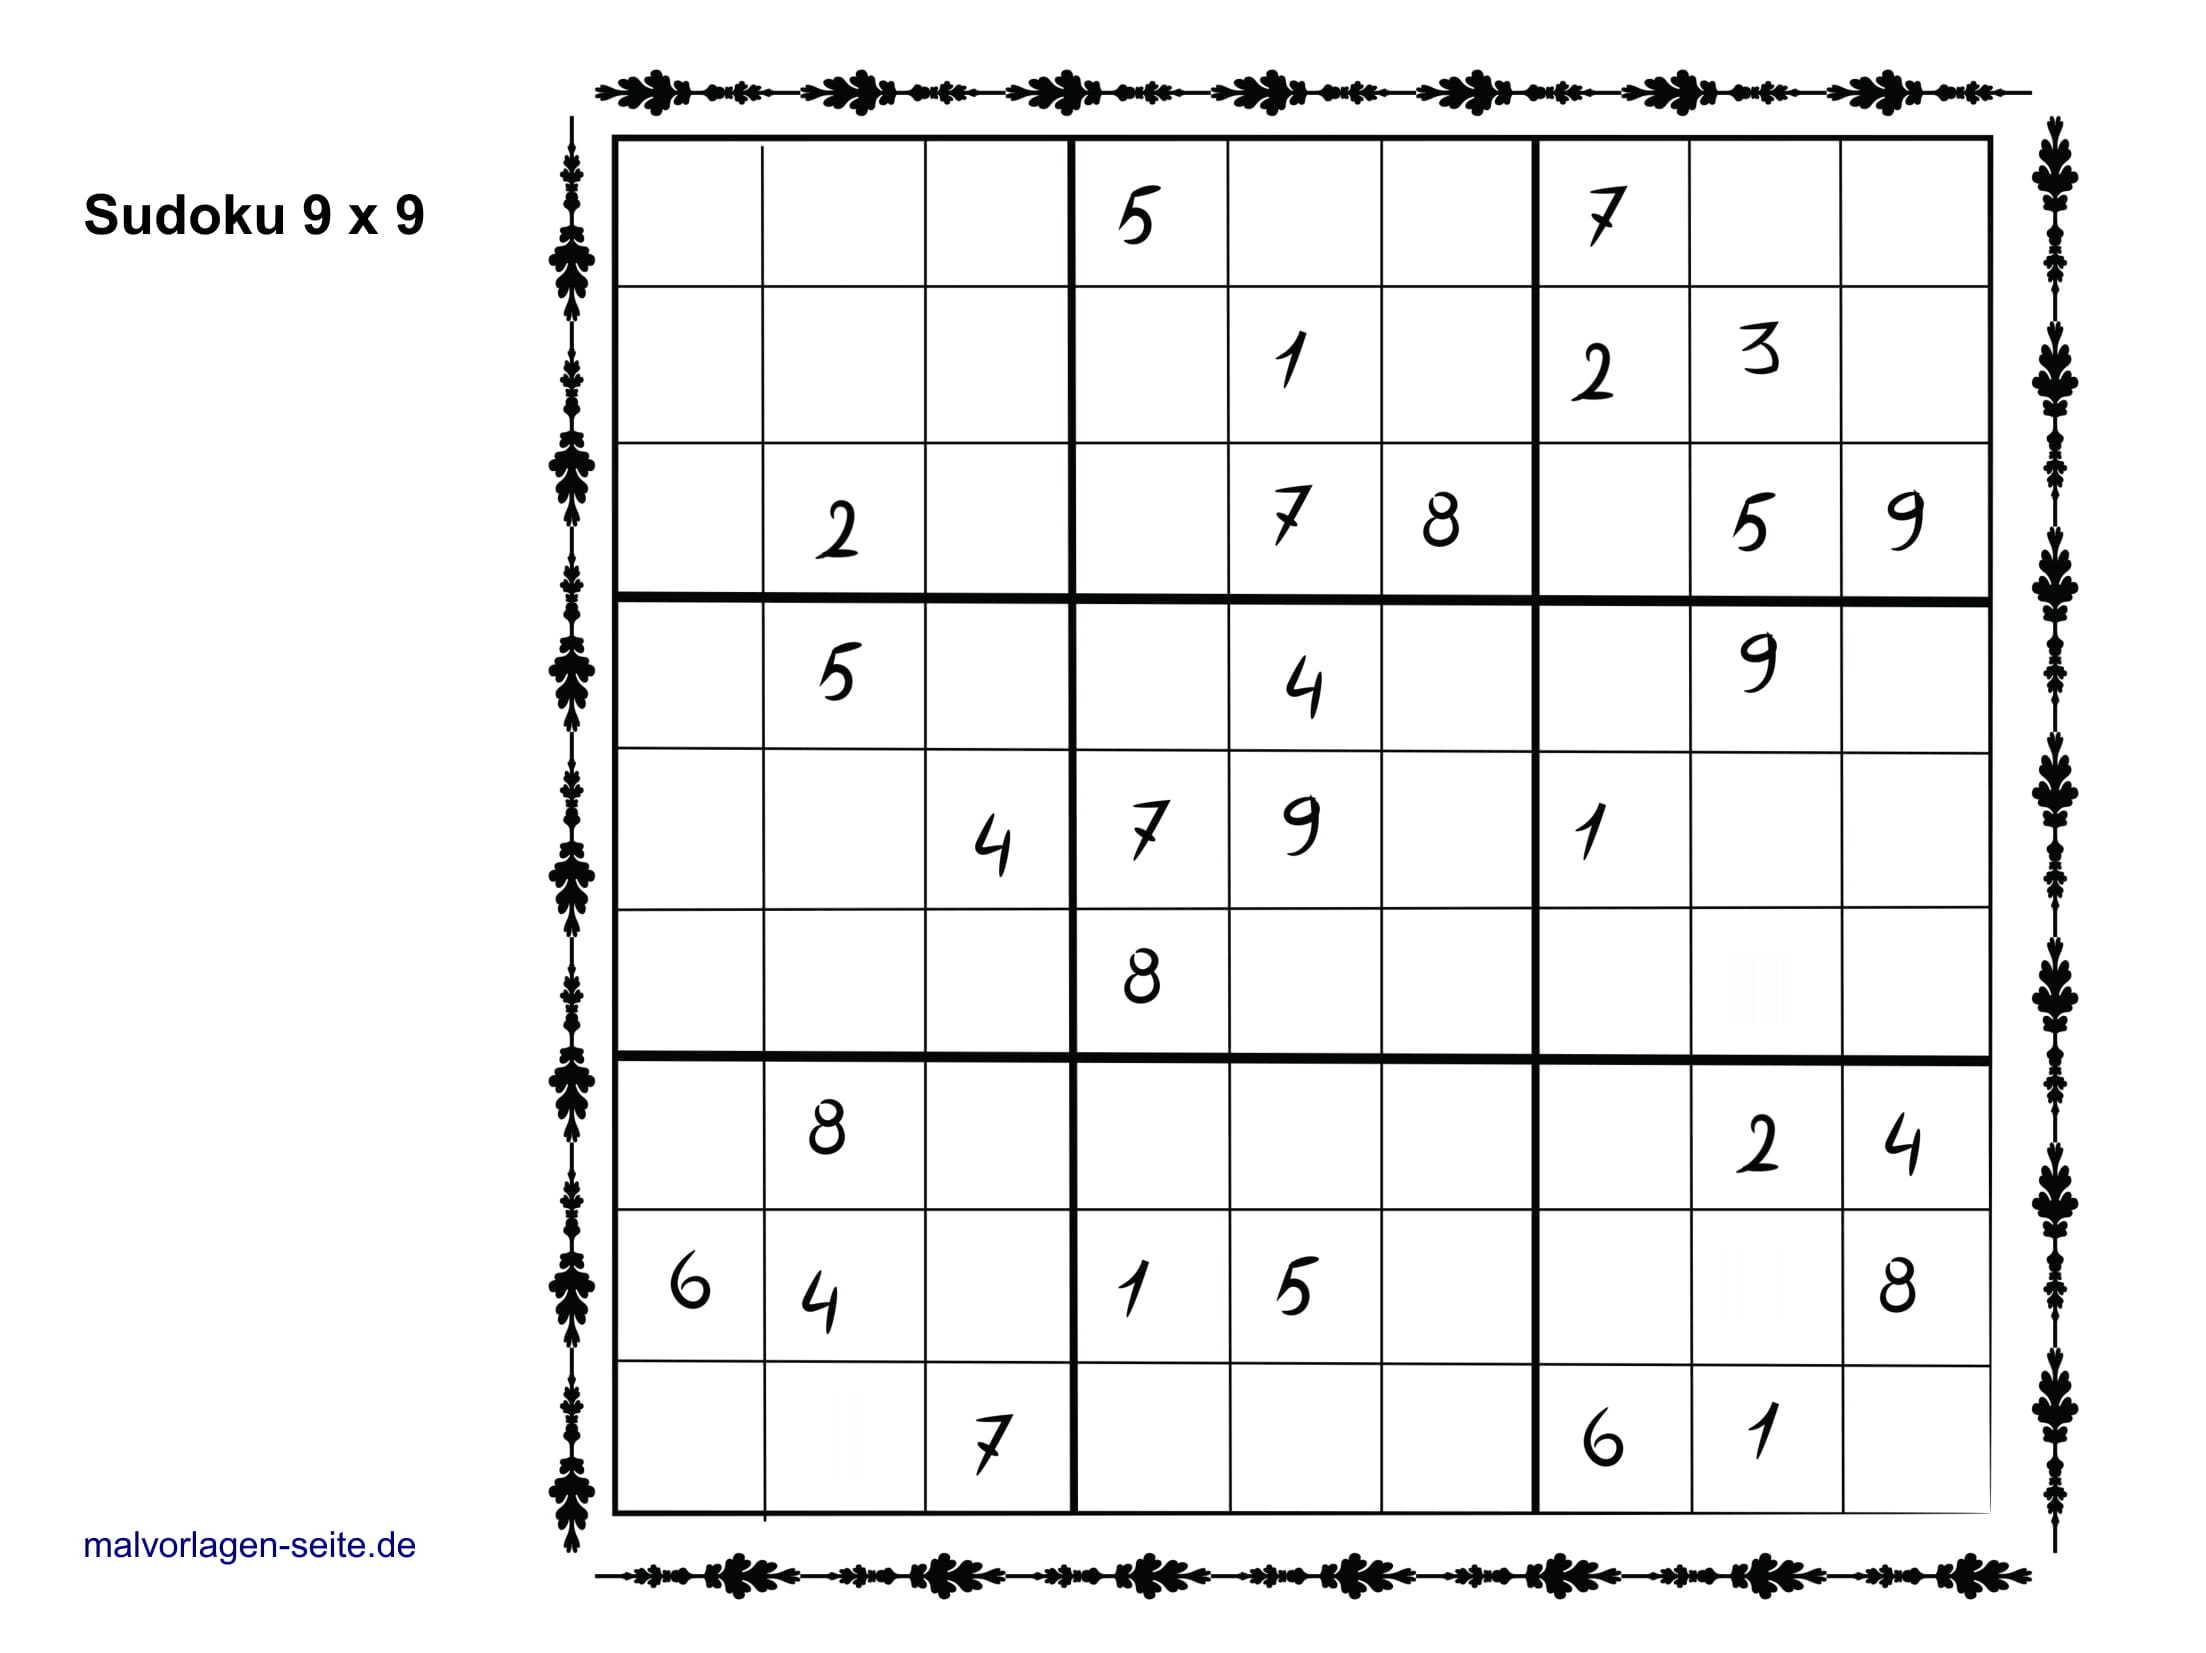 Sudoku Vorlagen 9X9 Einfach - Sudoku Vorlagen Kostenlos innen Sudoko Rätsel